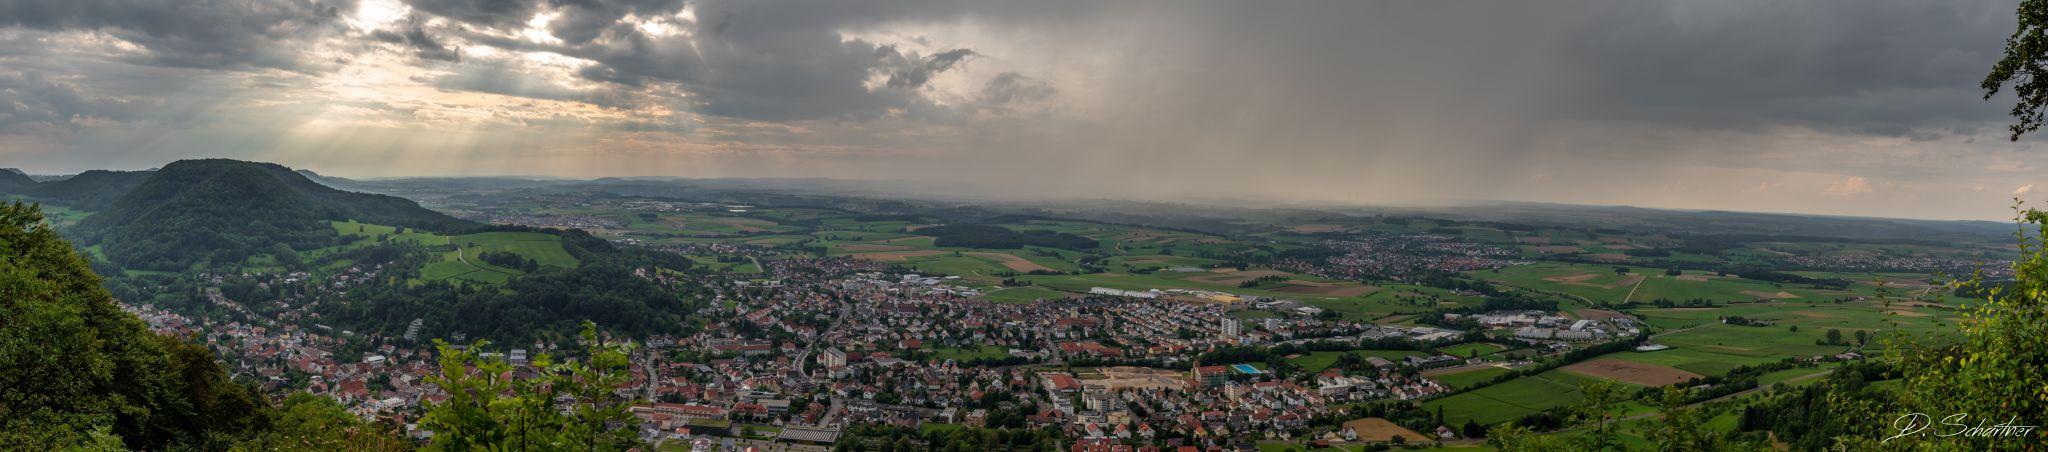 Rosenstein panorama view, Germany